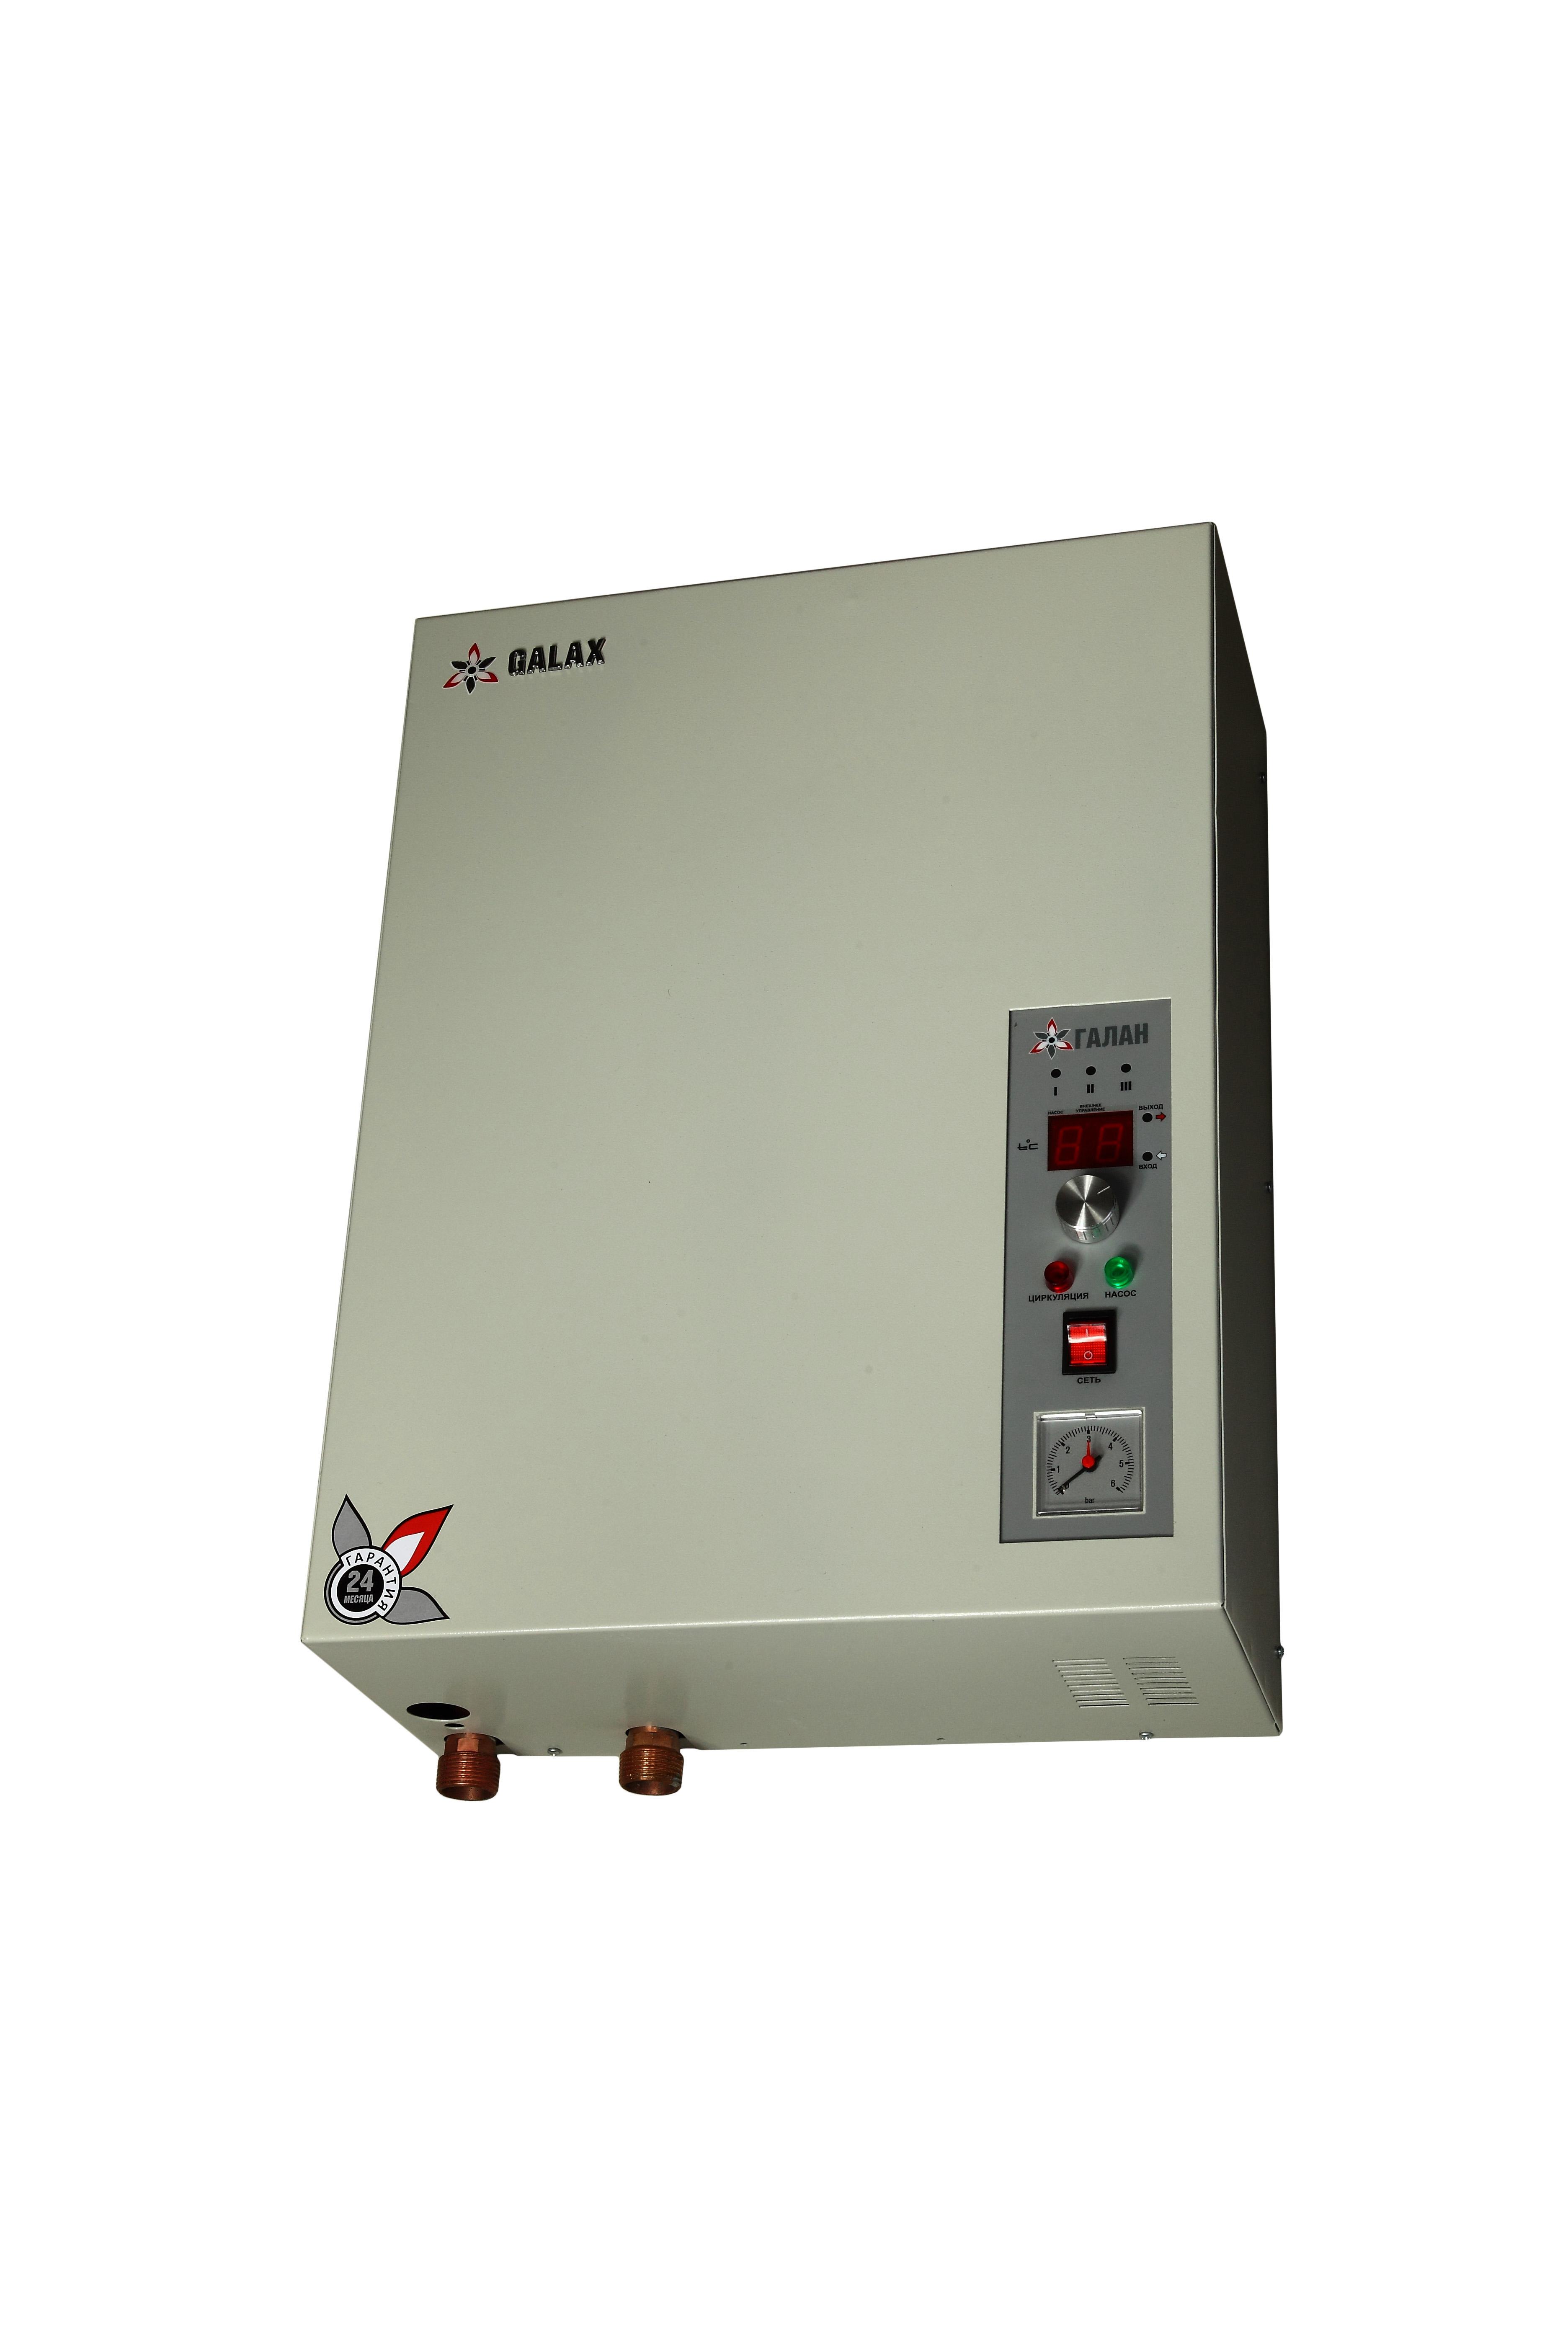 Галакс 30 (30 кВт) - Электрический ТЭНовый